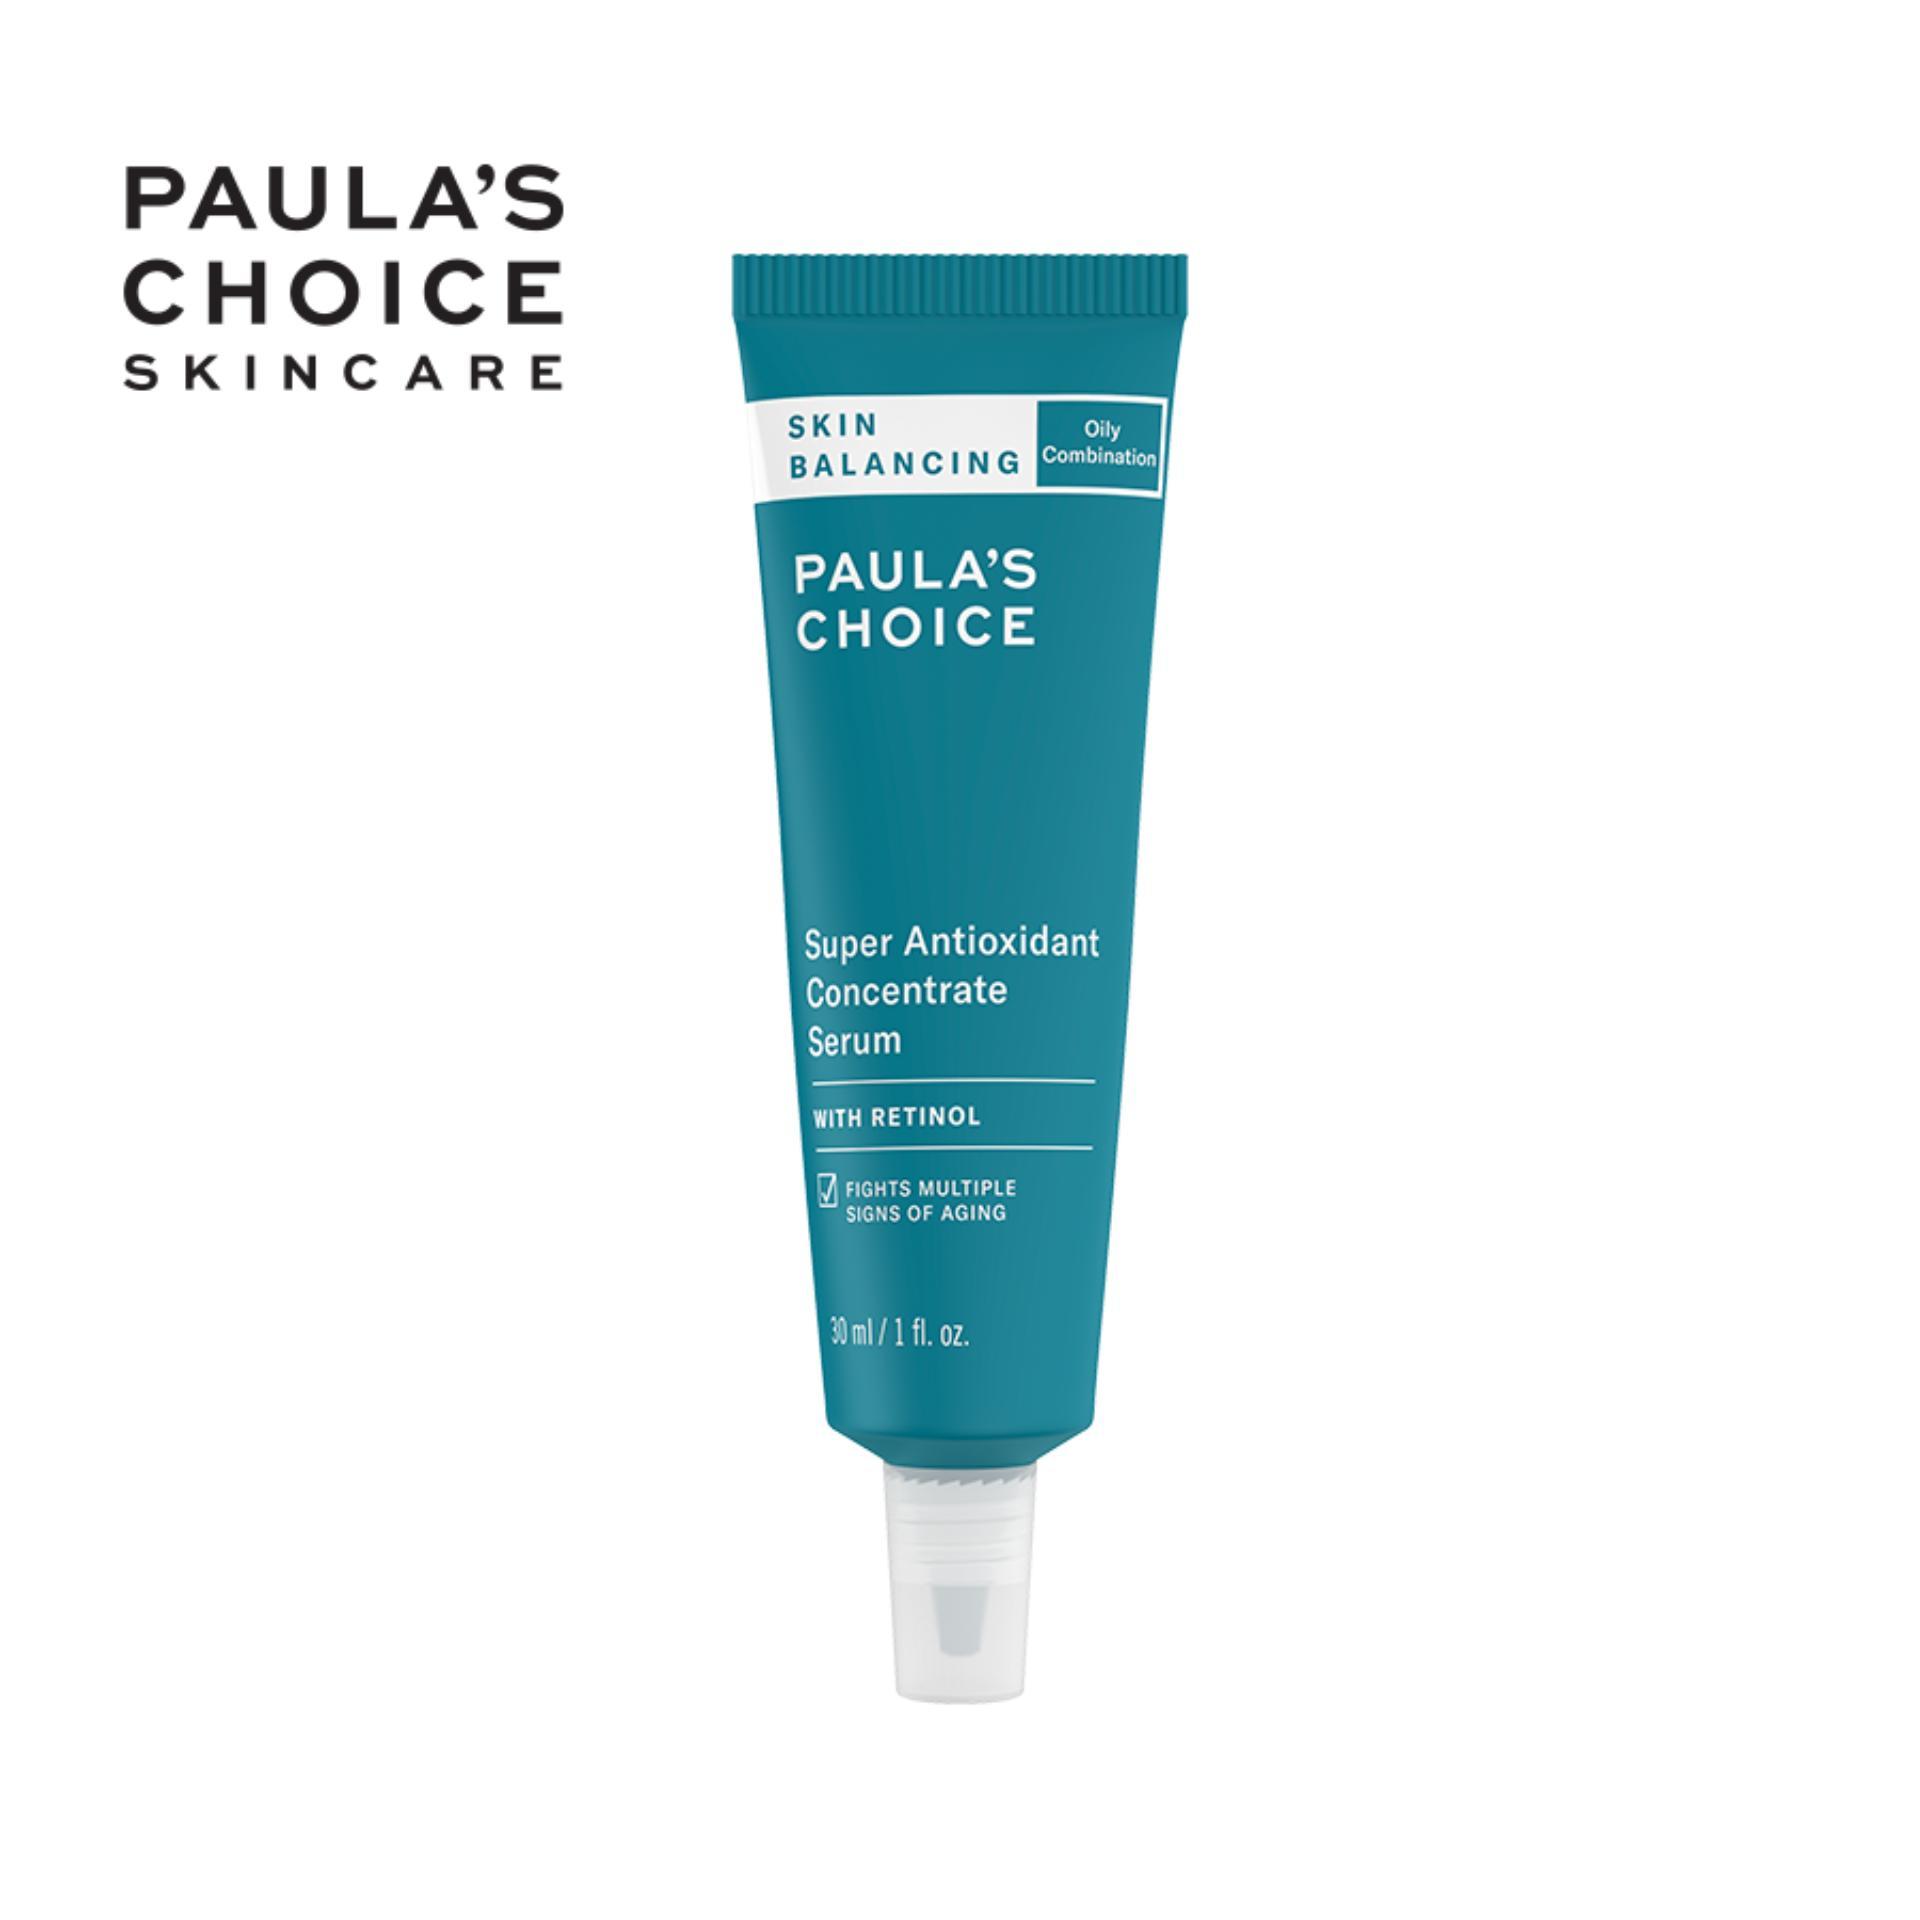 Tinh chất serum cân bằng độ ẩm và siêu chống lão hóa Paula's Choice Skin Balancing Super Antioxidant Concentrate Serum 30ml 3350 nhập khẩu